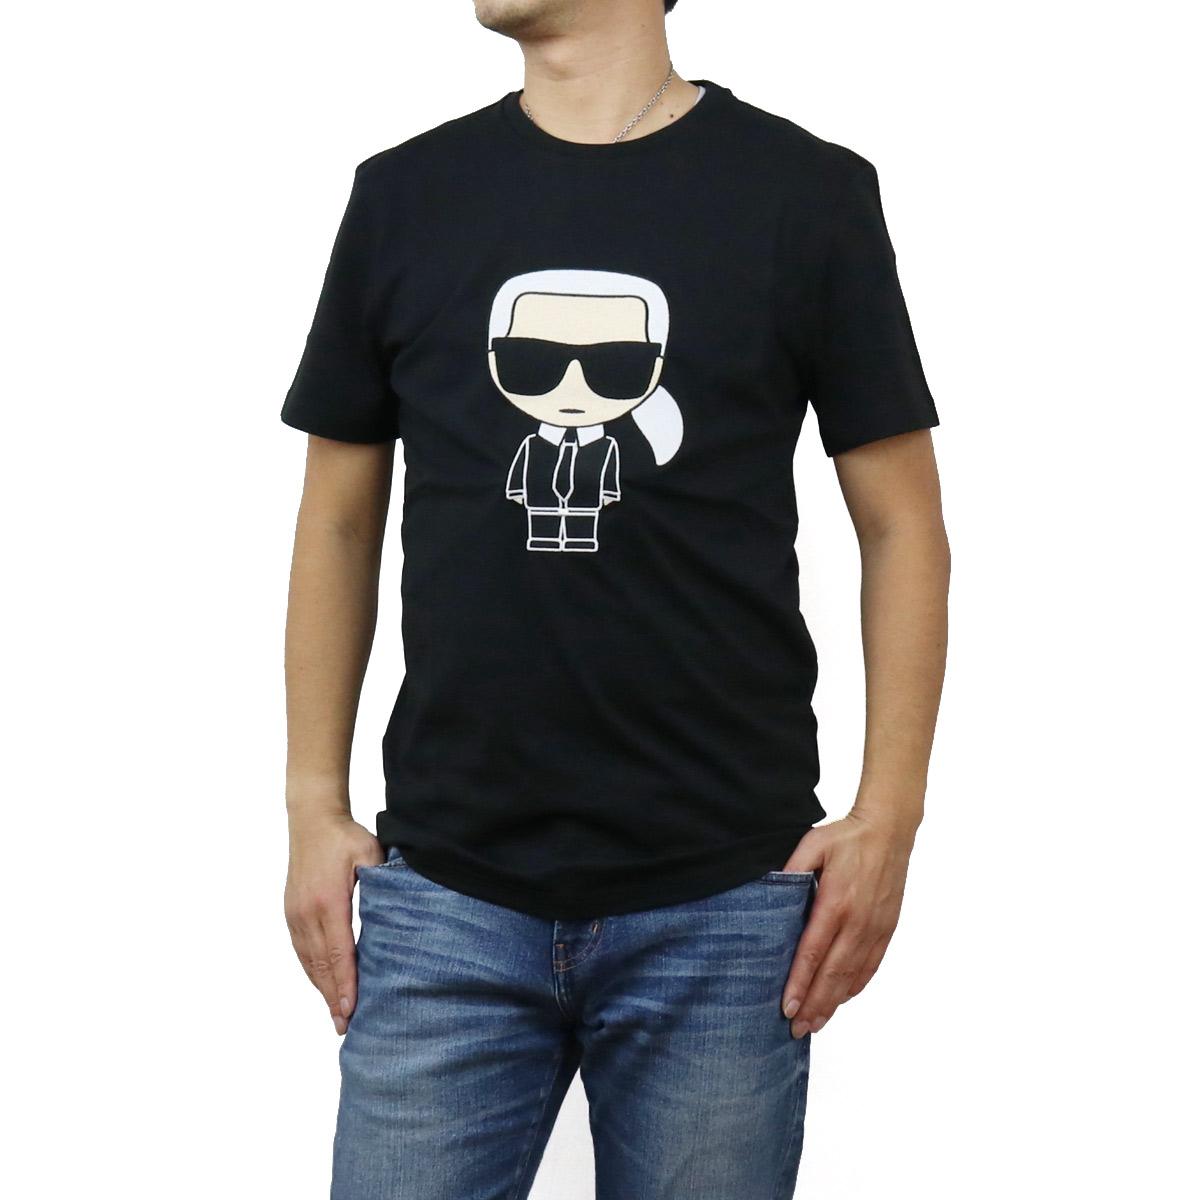 【※】 送料無料【ラッピング無料】 2020秋冬新作 カール・ラガーフェルド Karl Lagerfeld メンズ-Tシャツ IKONIK 755060 502250 990 BLACK ブラック メンズ bos-12 apparel-01